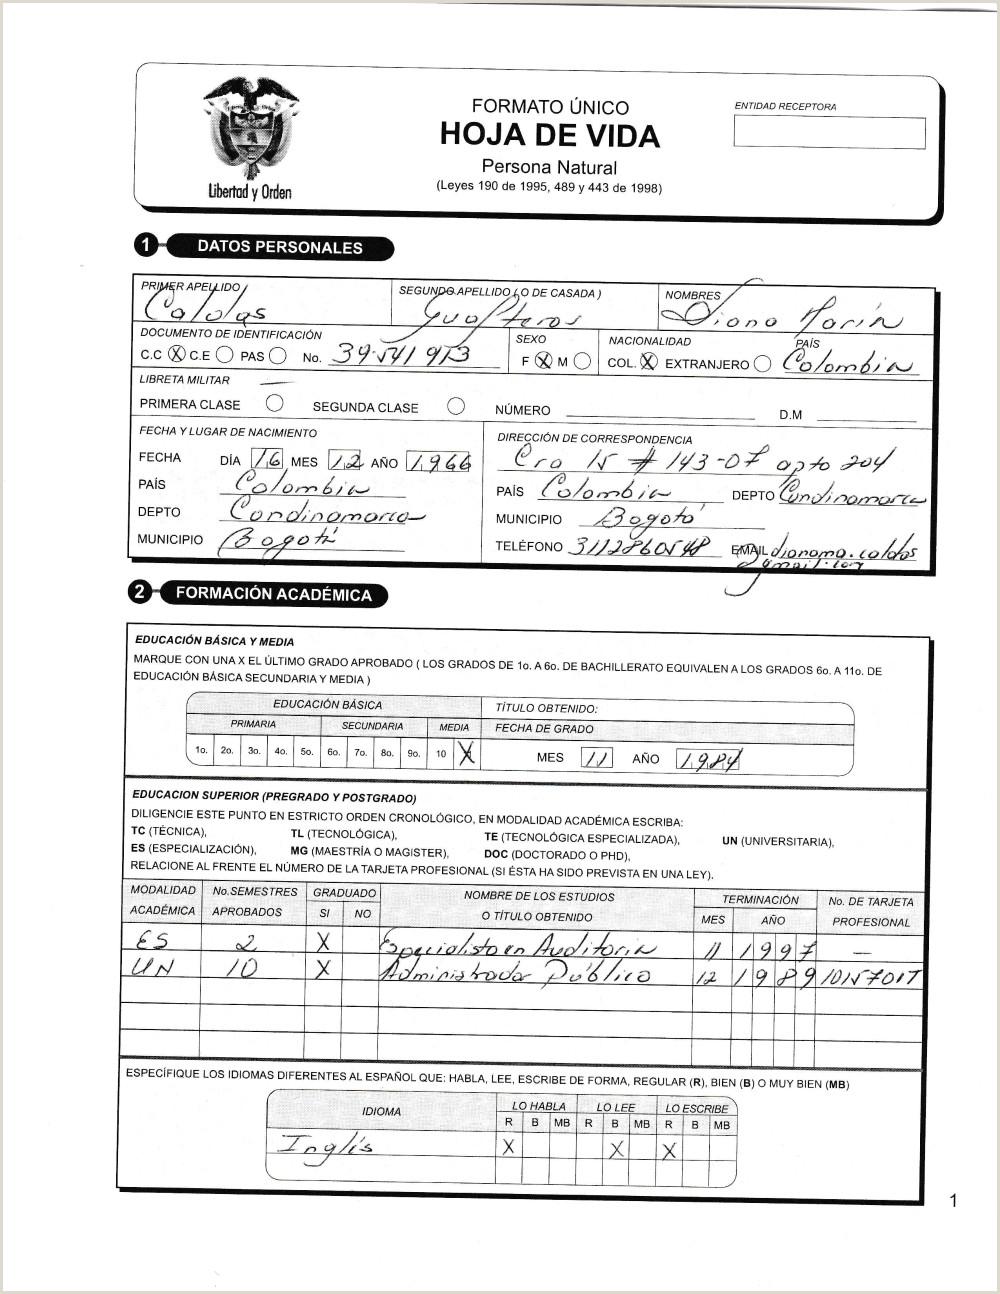 Formato Hoja De Vida Dafp Word Documentos Funci³n Pºblica